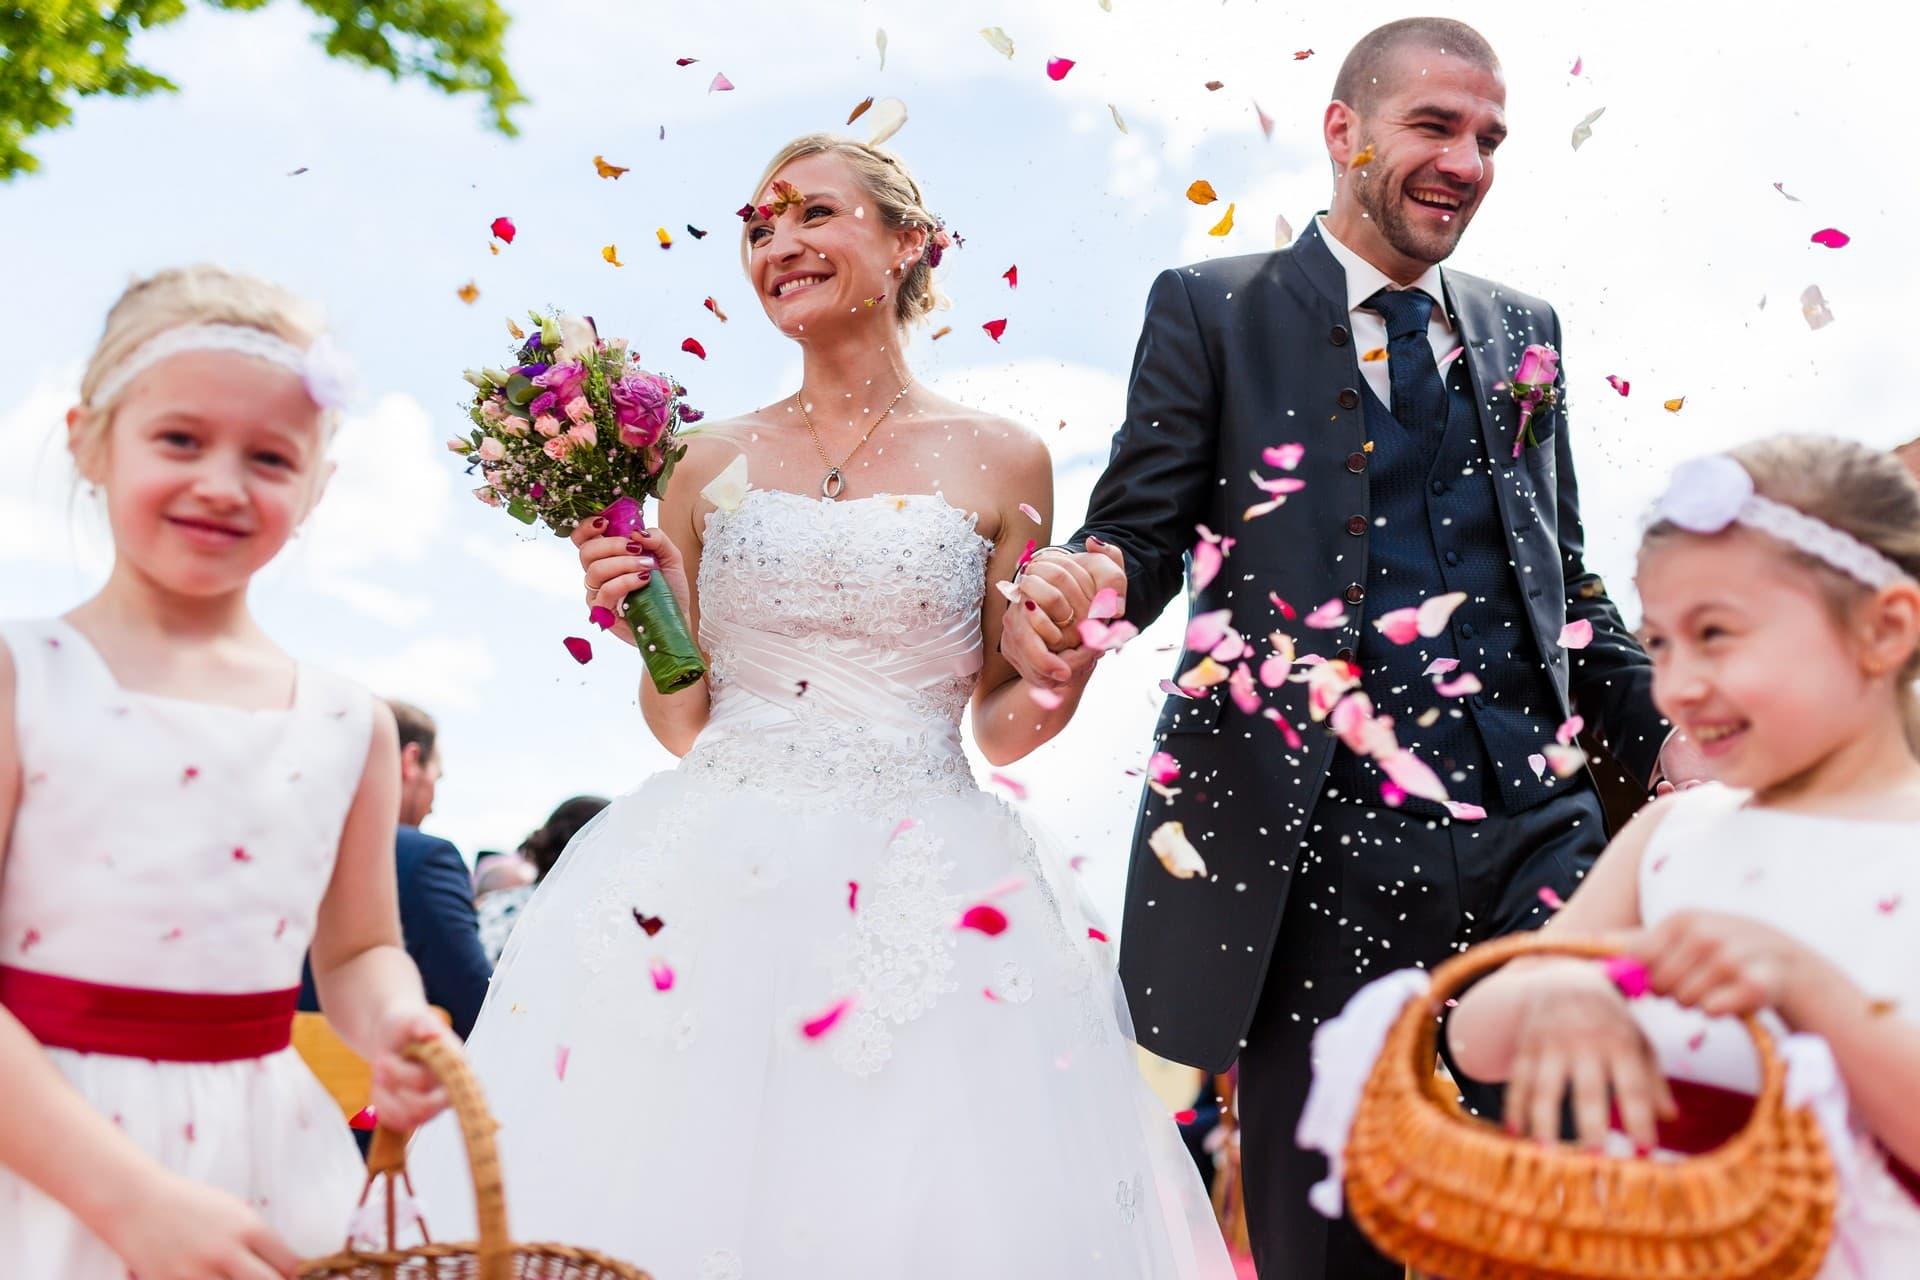 Hochzeitspaar beim Auszug mit Blumenmädchen Hochzeitsfotograf Ravensburg